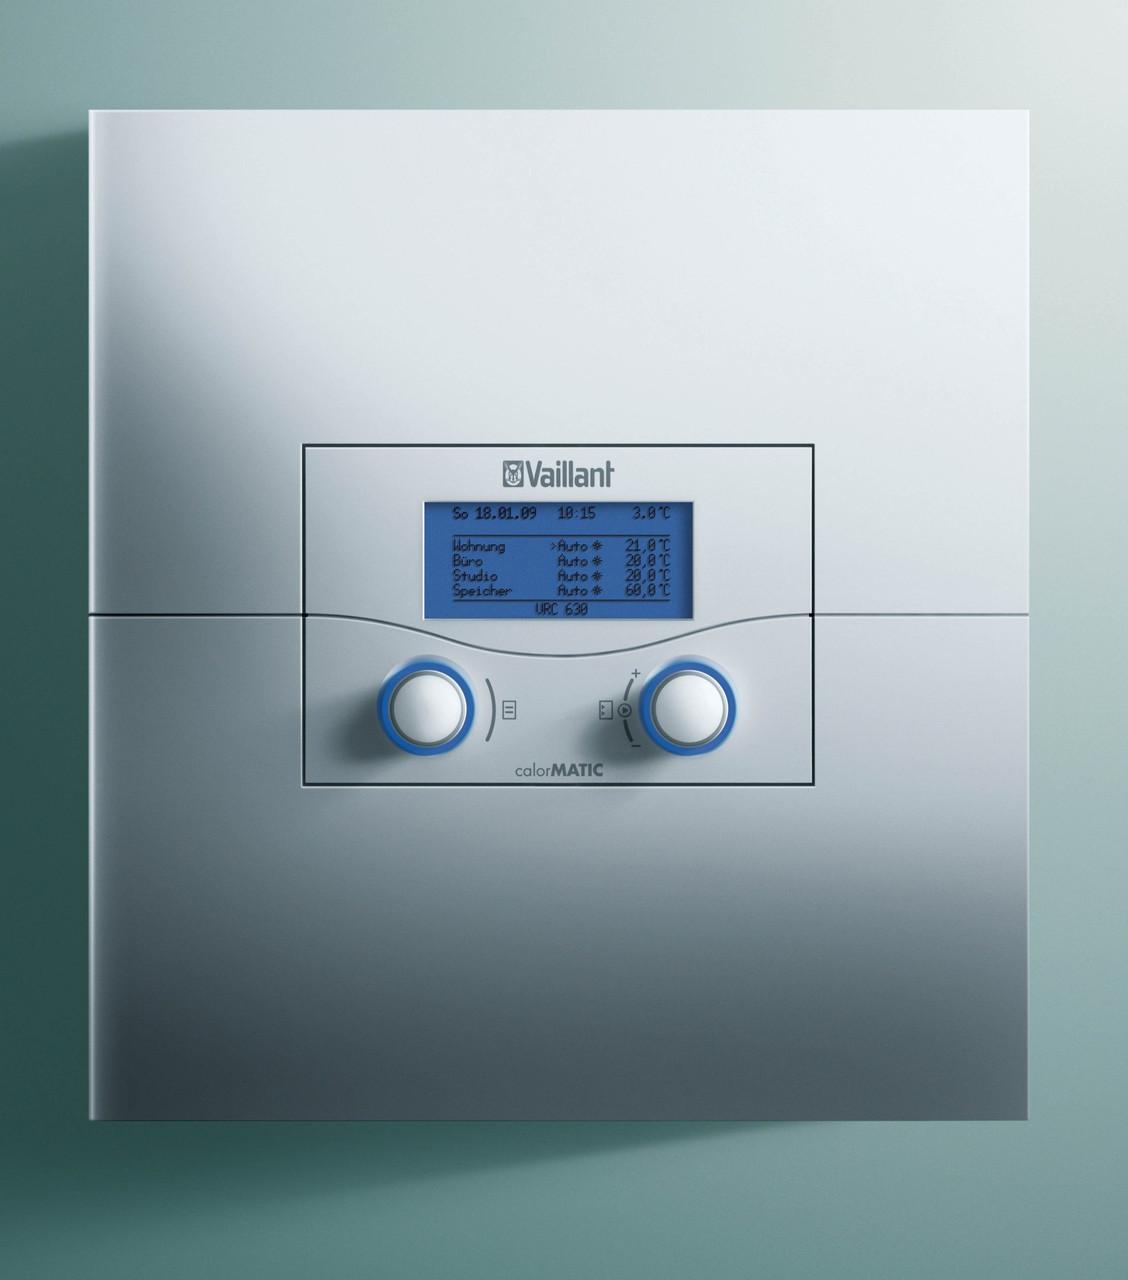 Vaillant CalorMATIC VRC 630/3 погодозависимый автоматический каскадный регулятор